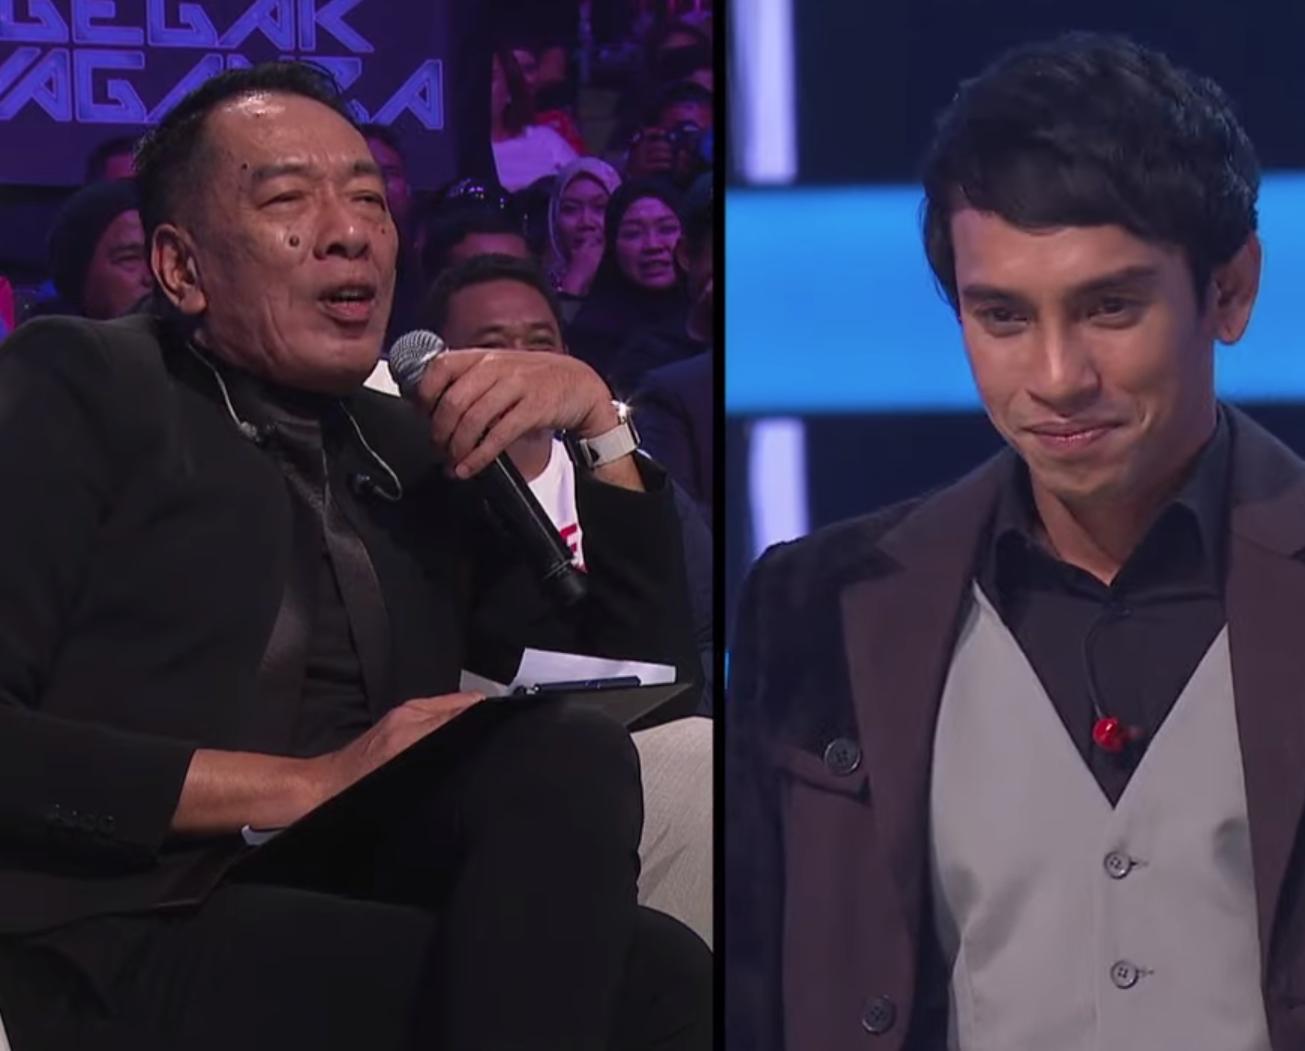 [VIDEO] Tuah 'Meraung' Lagu New Boyz, Naqiu Raih Pujian Melambung Daripada Juri